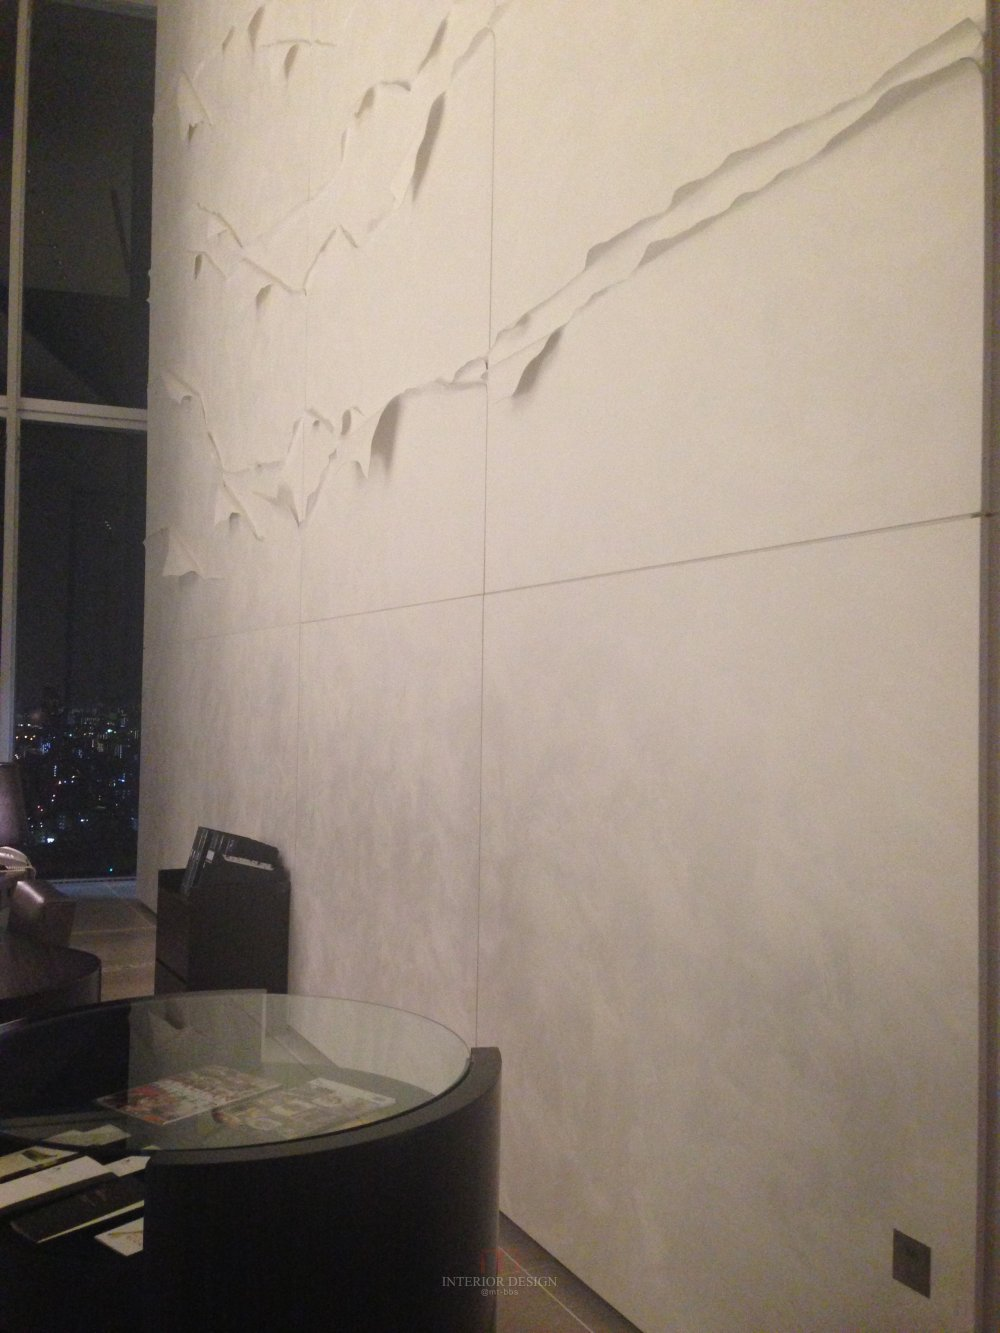 #伙伴一起看日本#  日本设计考察分享(更新美秀美术馆)_IMG_5042.JPG